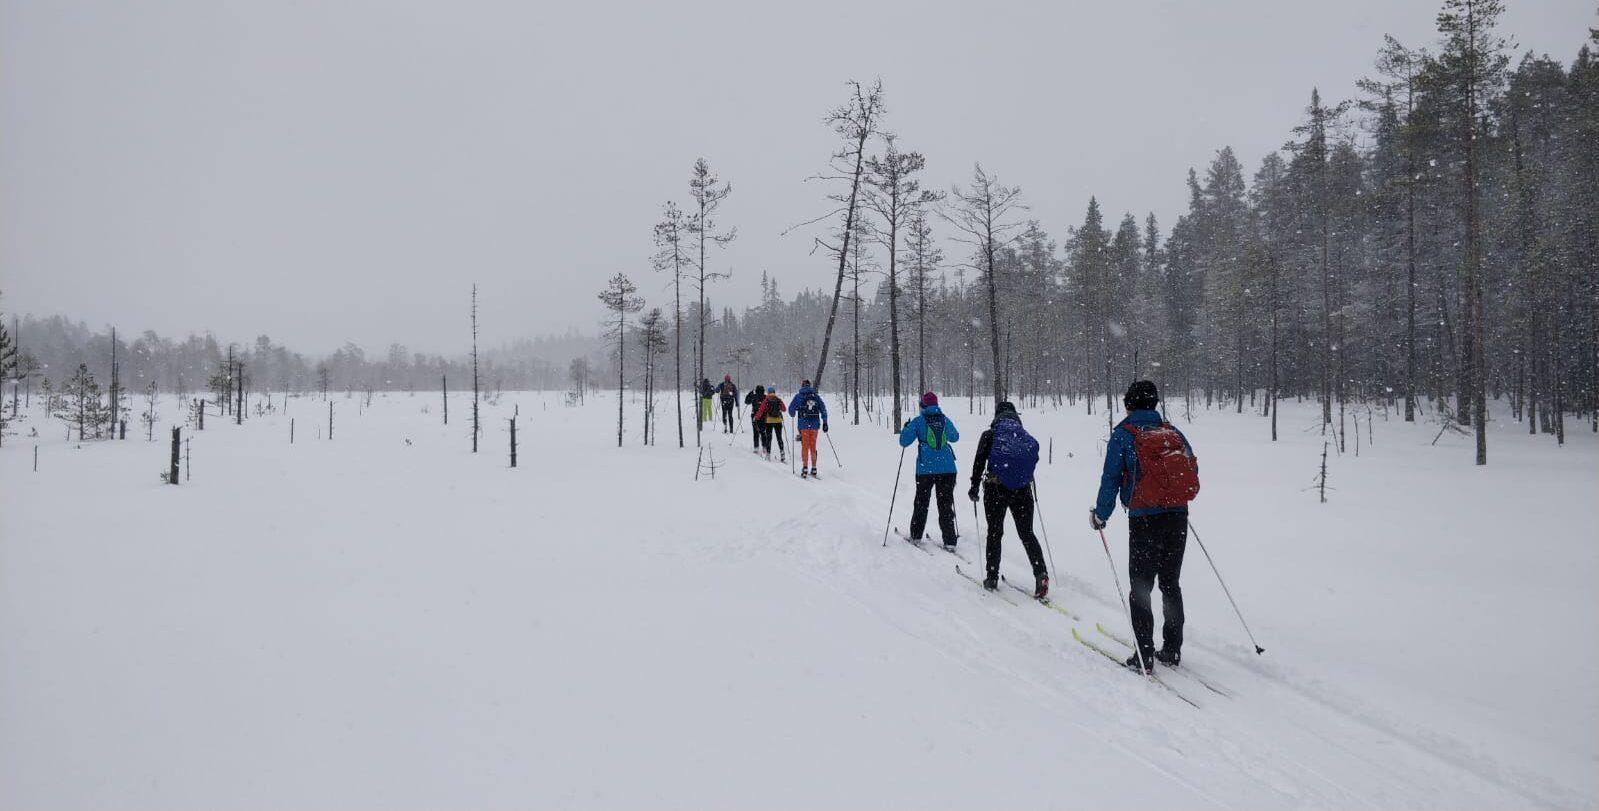 Letka hiihtäjiä hiihtää halki suon kevyessä lumisateessa